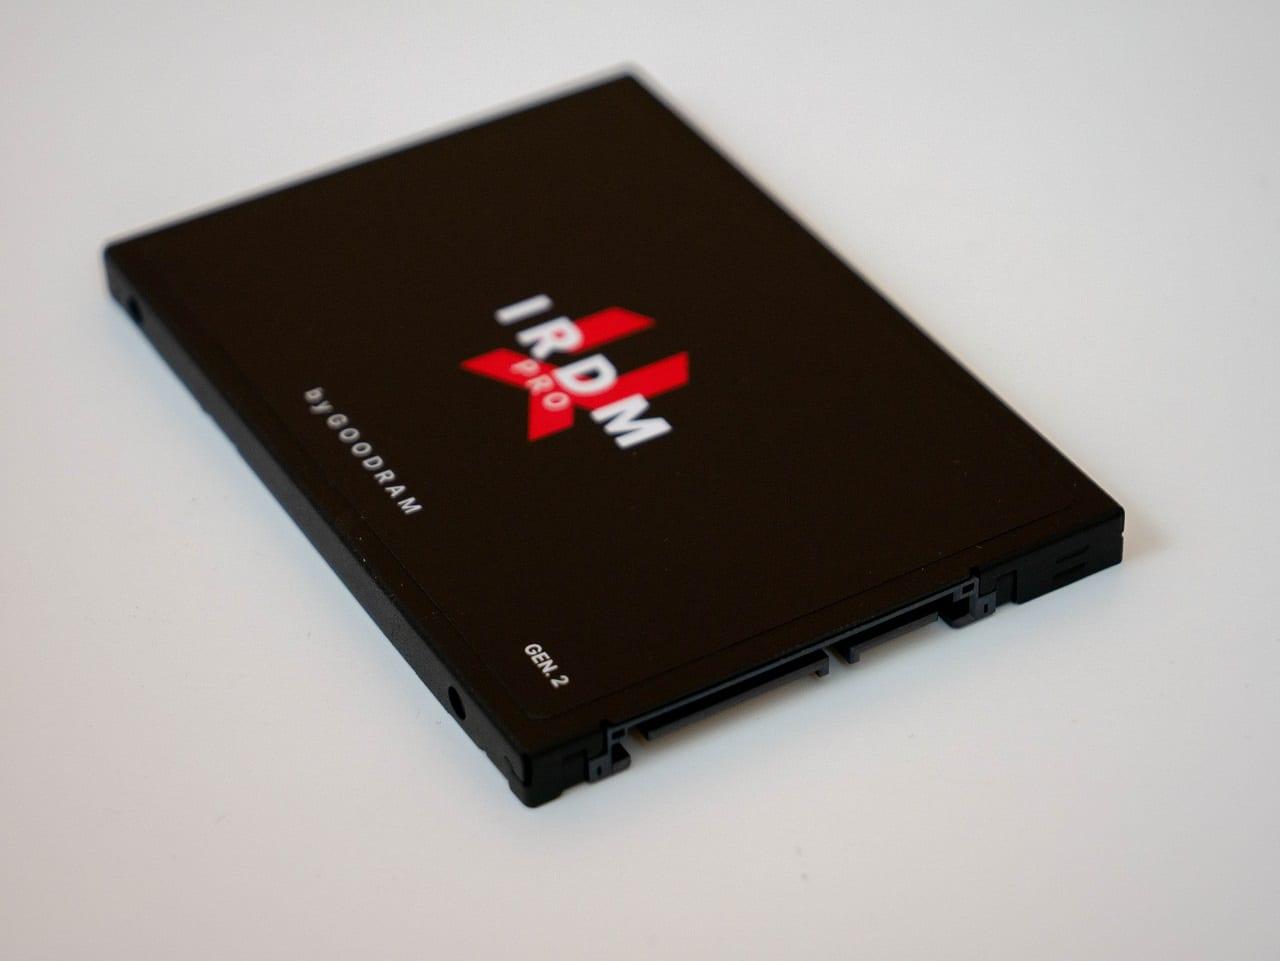 Goodram IRDM PRO Gen.2 Recensione – Un SSD SATA veloce e affidabile